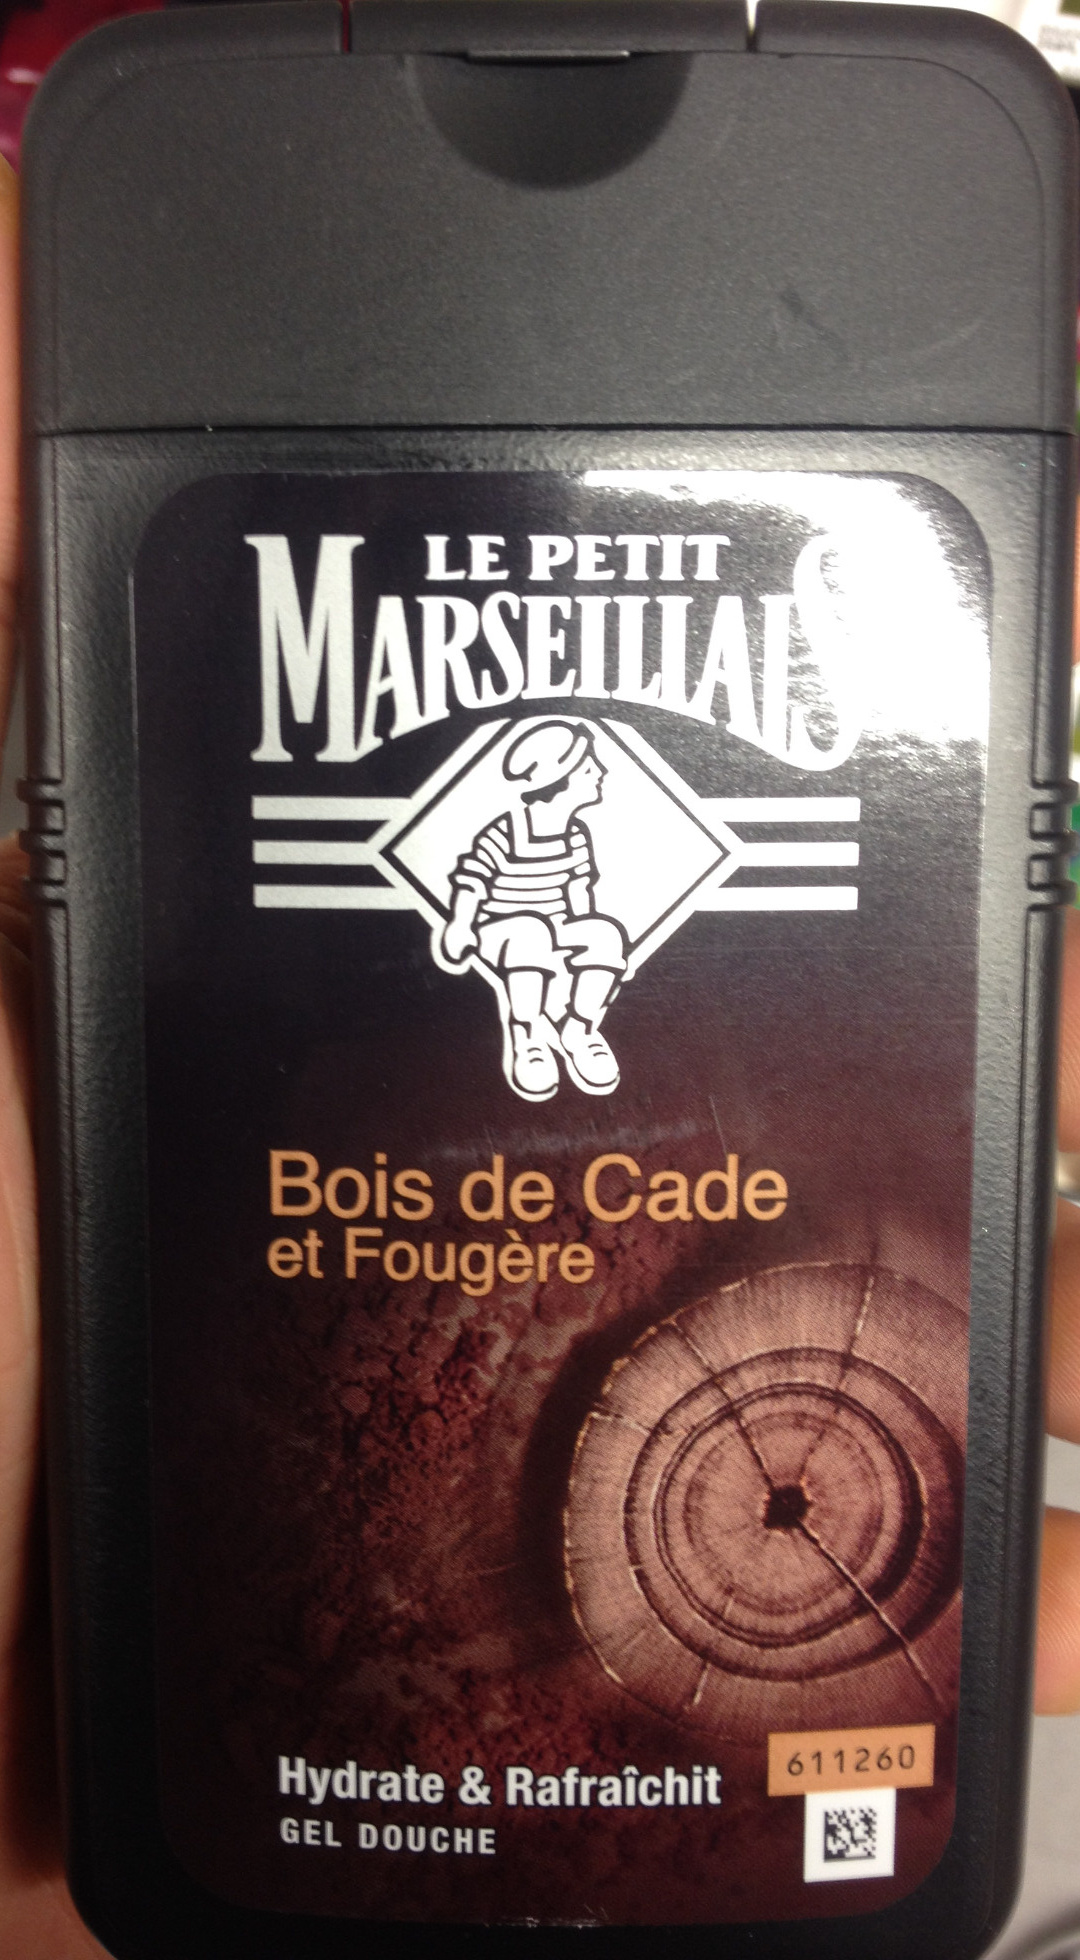 Bois de Cade et Fougère - Product